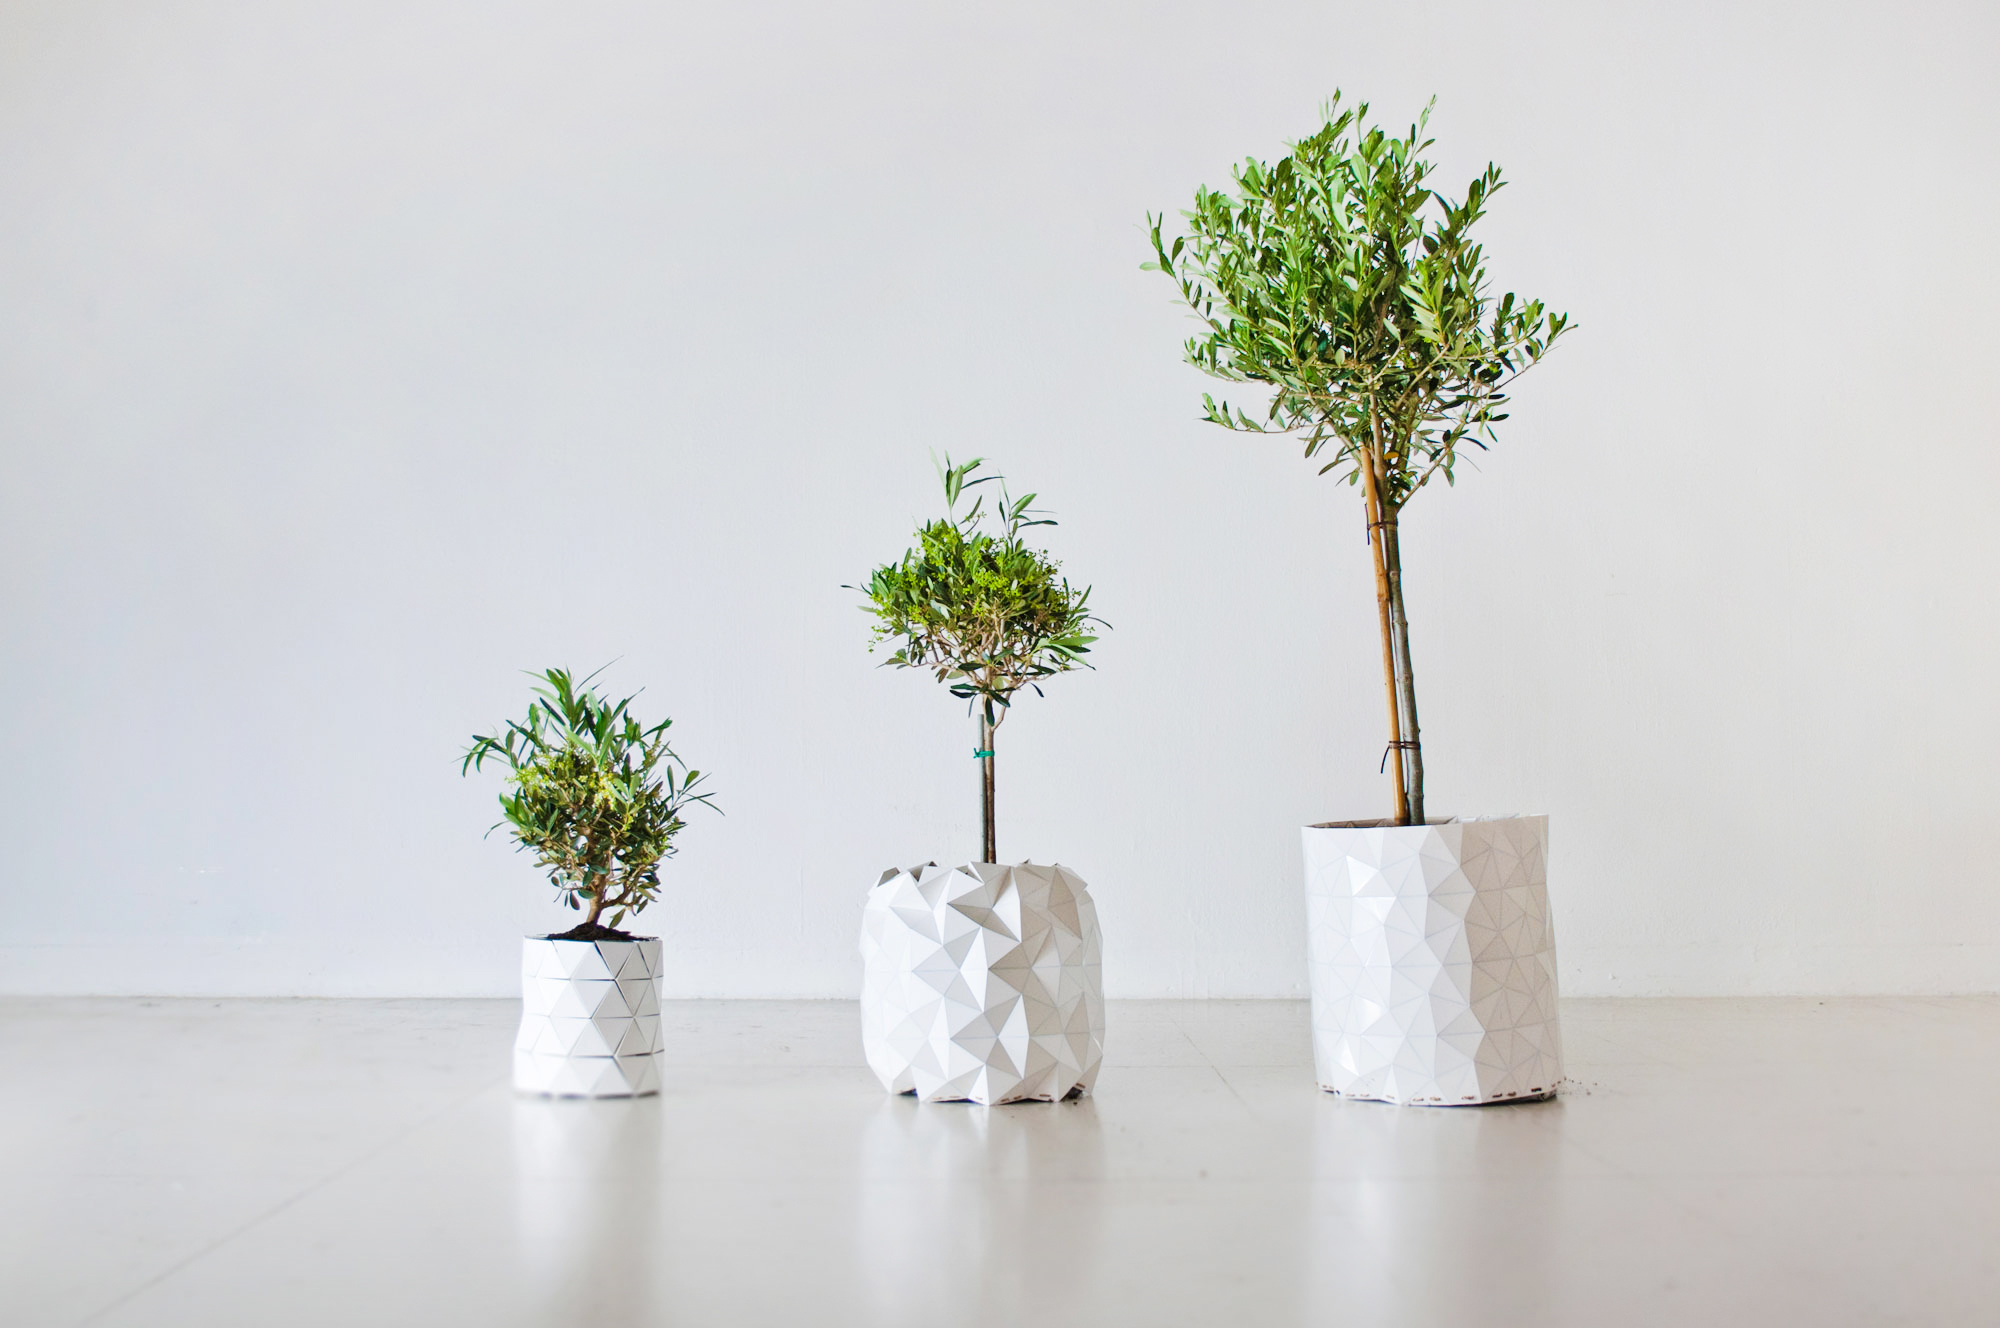 tegla-koja-raste-zajedno-sa-biljkom-6